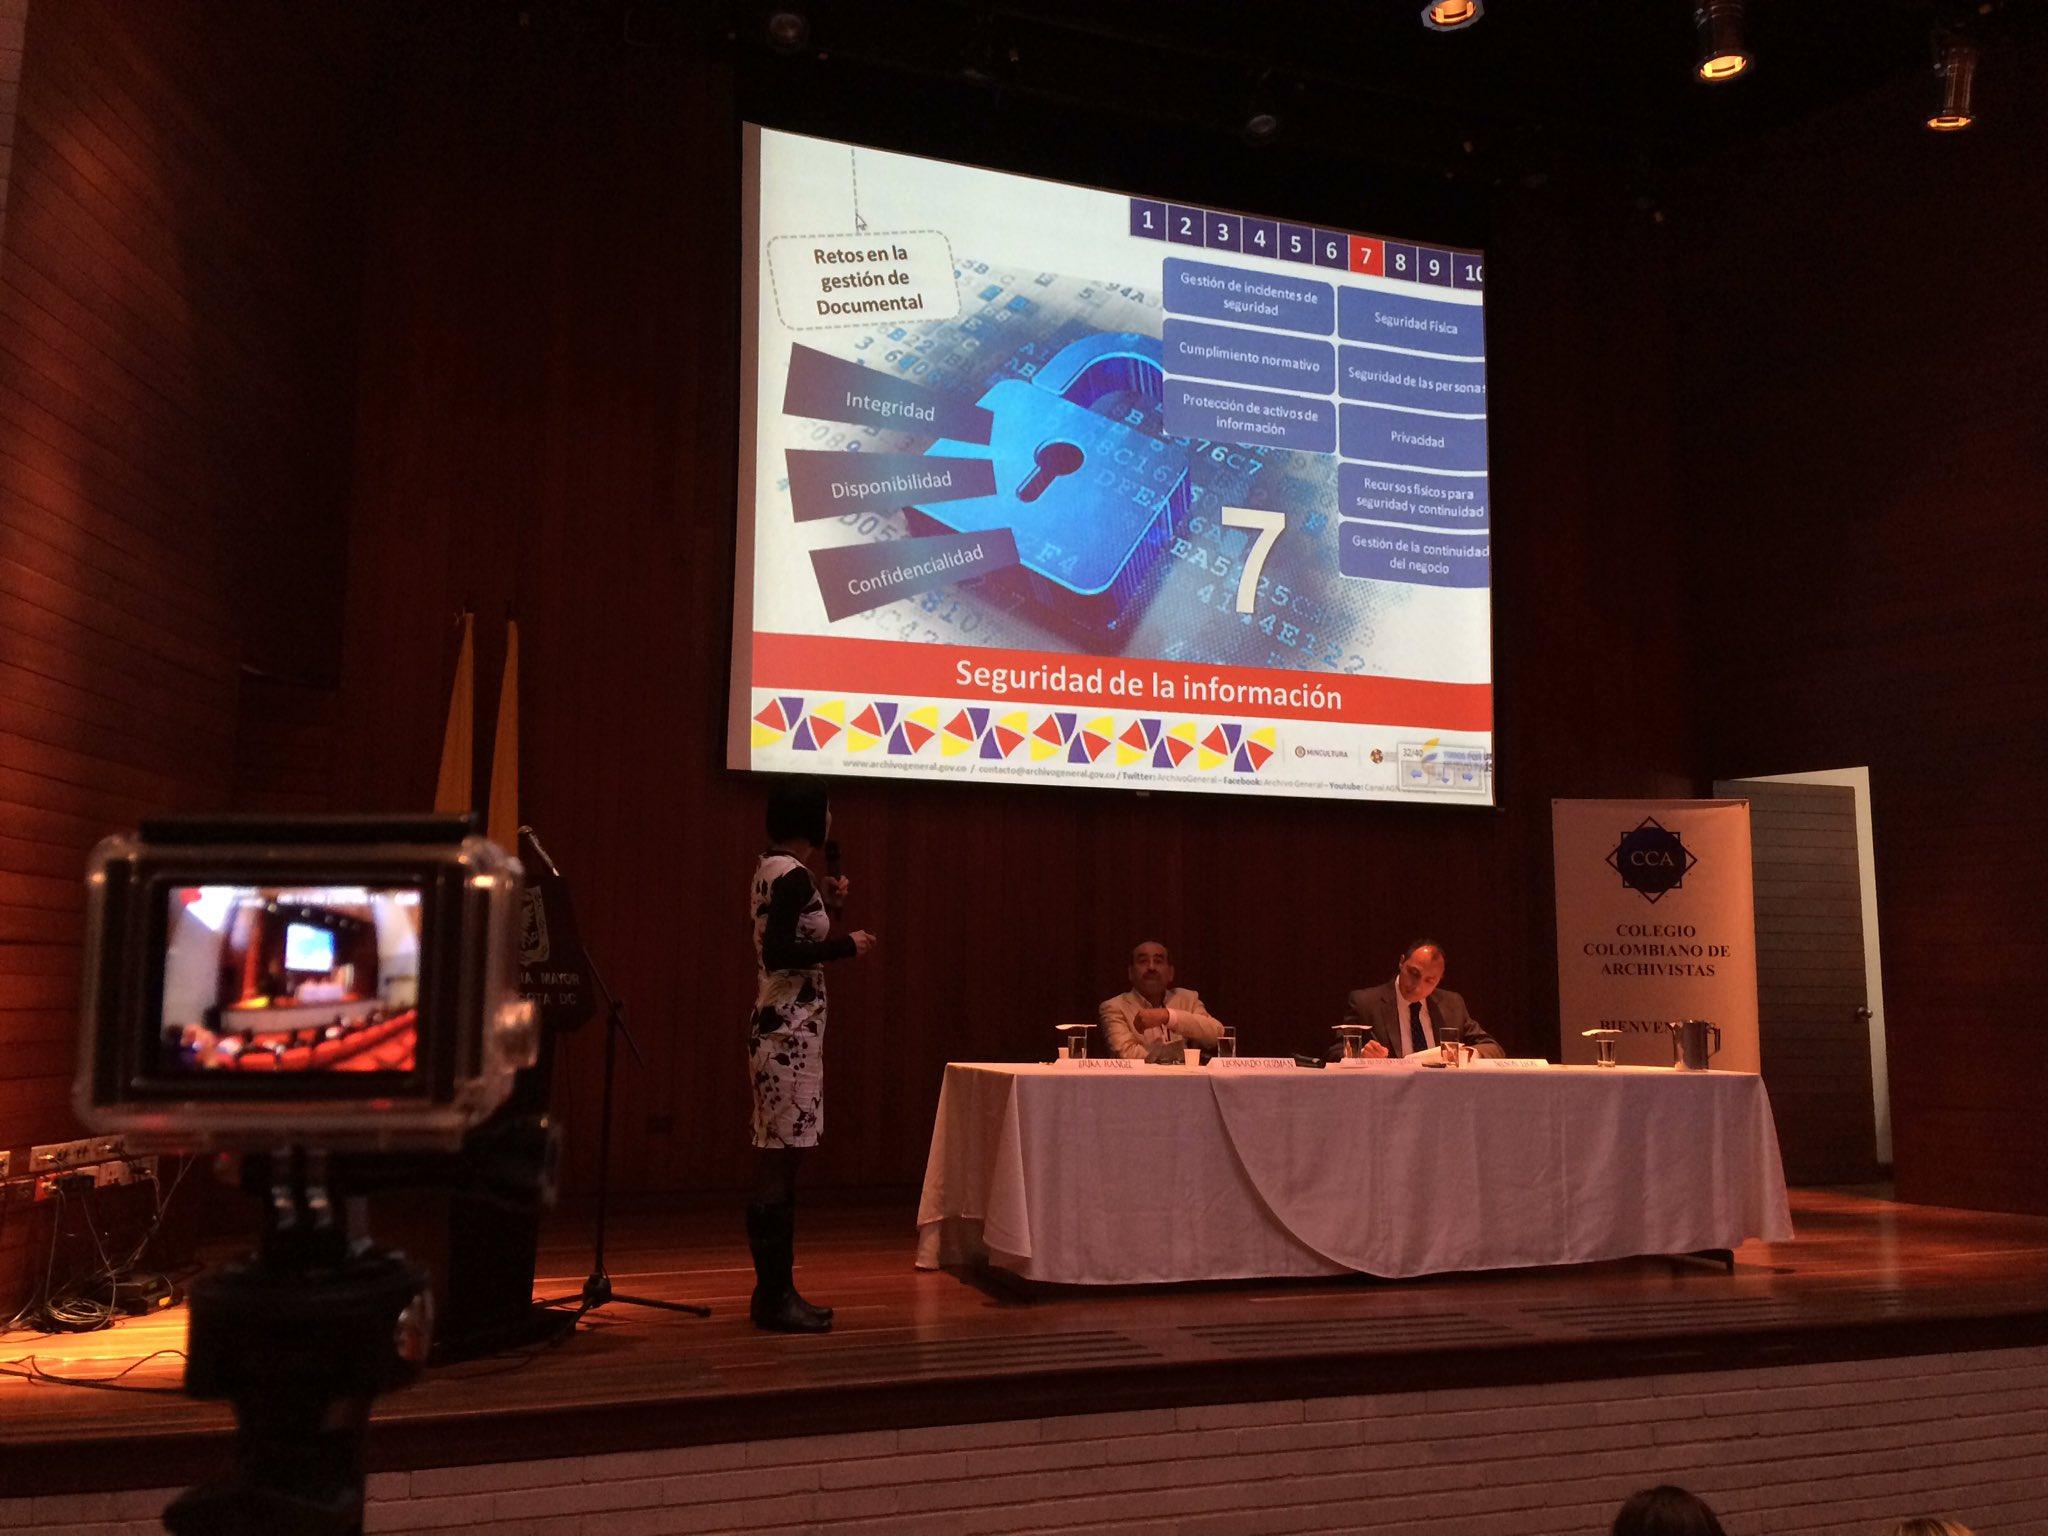 """Hoy el @ArchivoGeneral abre el Seminario Internacional #RetosDeLosArchivosMunicipales con """"Tendencias de gestión documental electrónica"""" https://t.co/eqAsvgSrOi"""